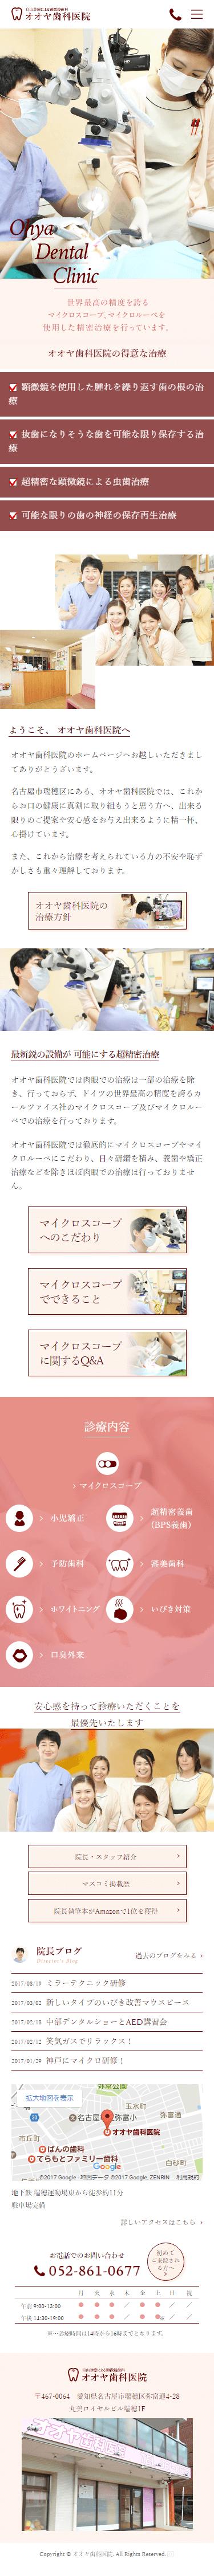 名古屋市 オオヤ歯科医院様 ホームページ制作3